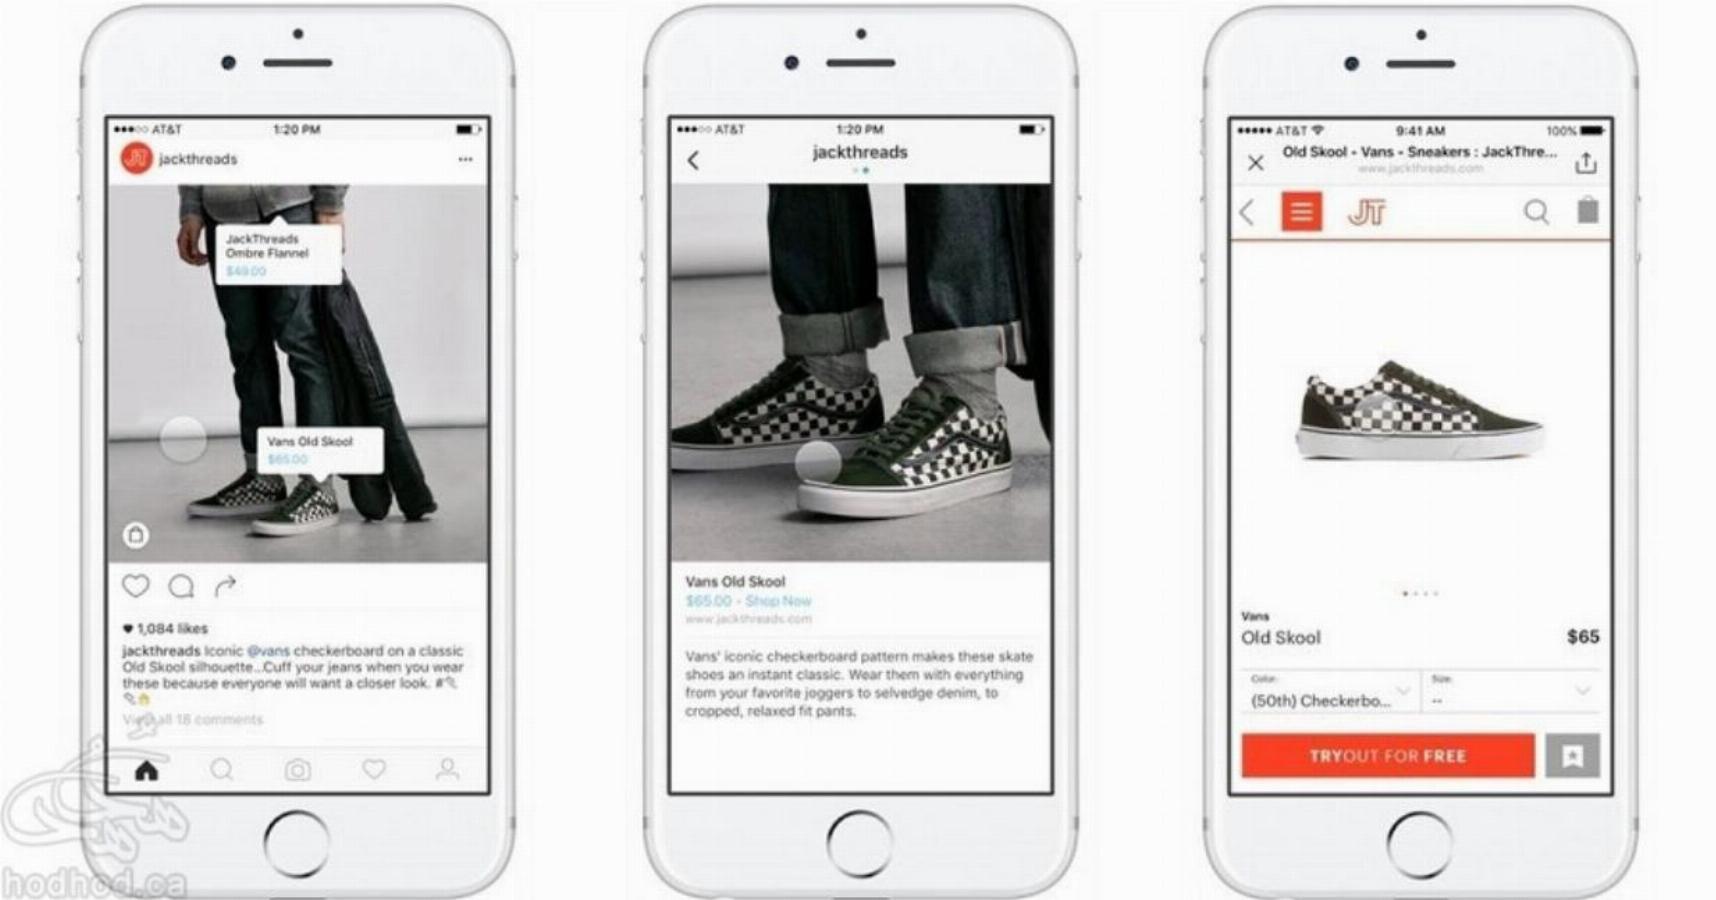 اینستاگرام، جدیدترین مدعی فروش آنلاین کالا